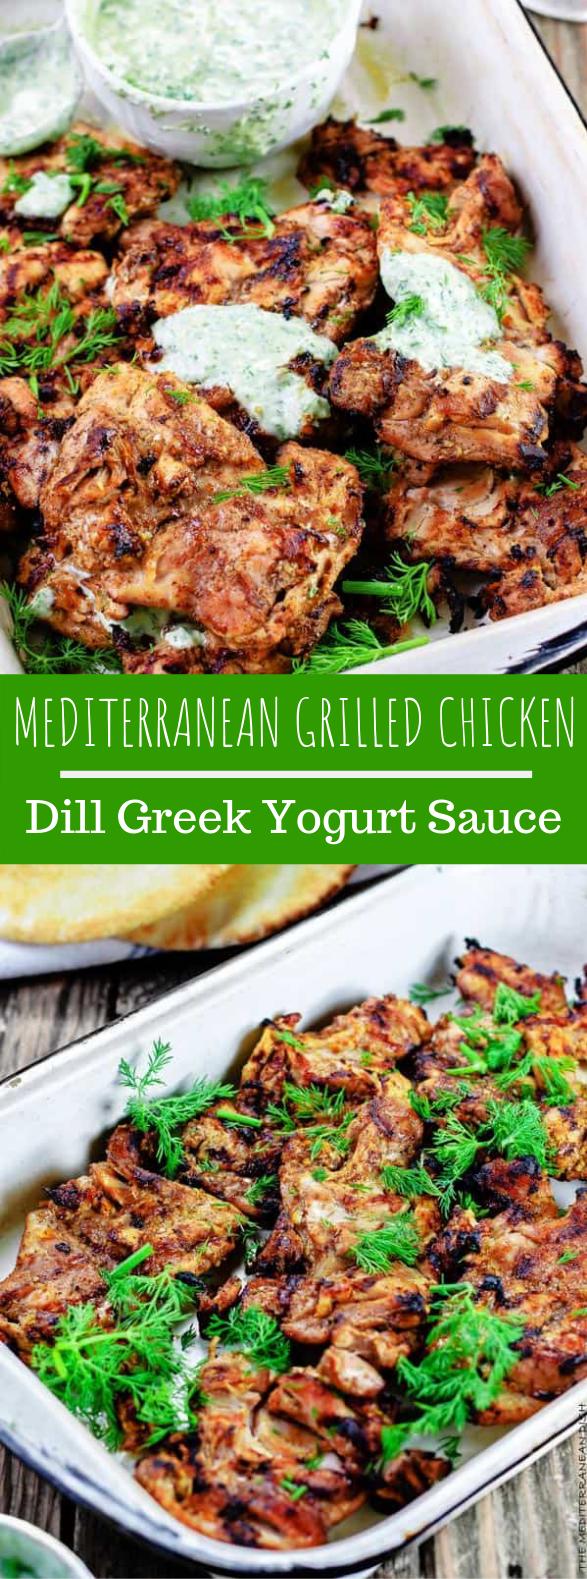 MEDITERRANEAN GRILLED CHICKEN + DILL GREEK YOGURT SAUCE #summerdinner #glutenfree